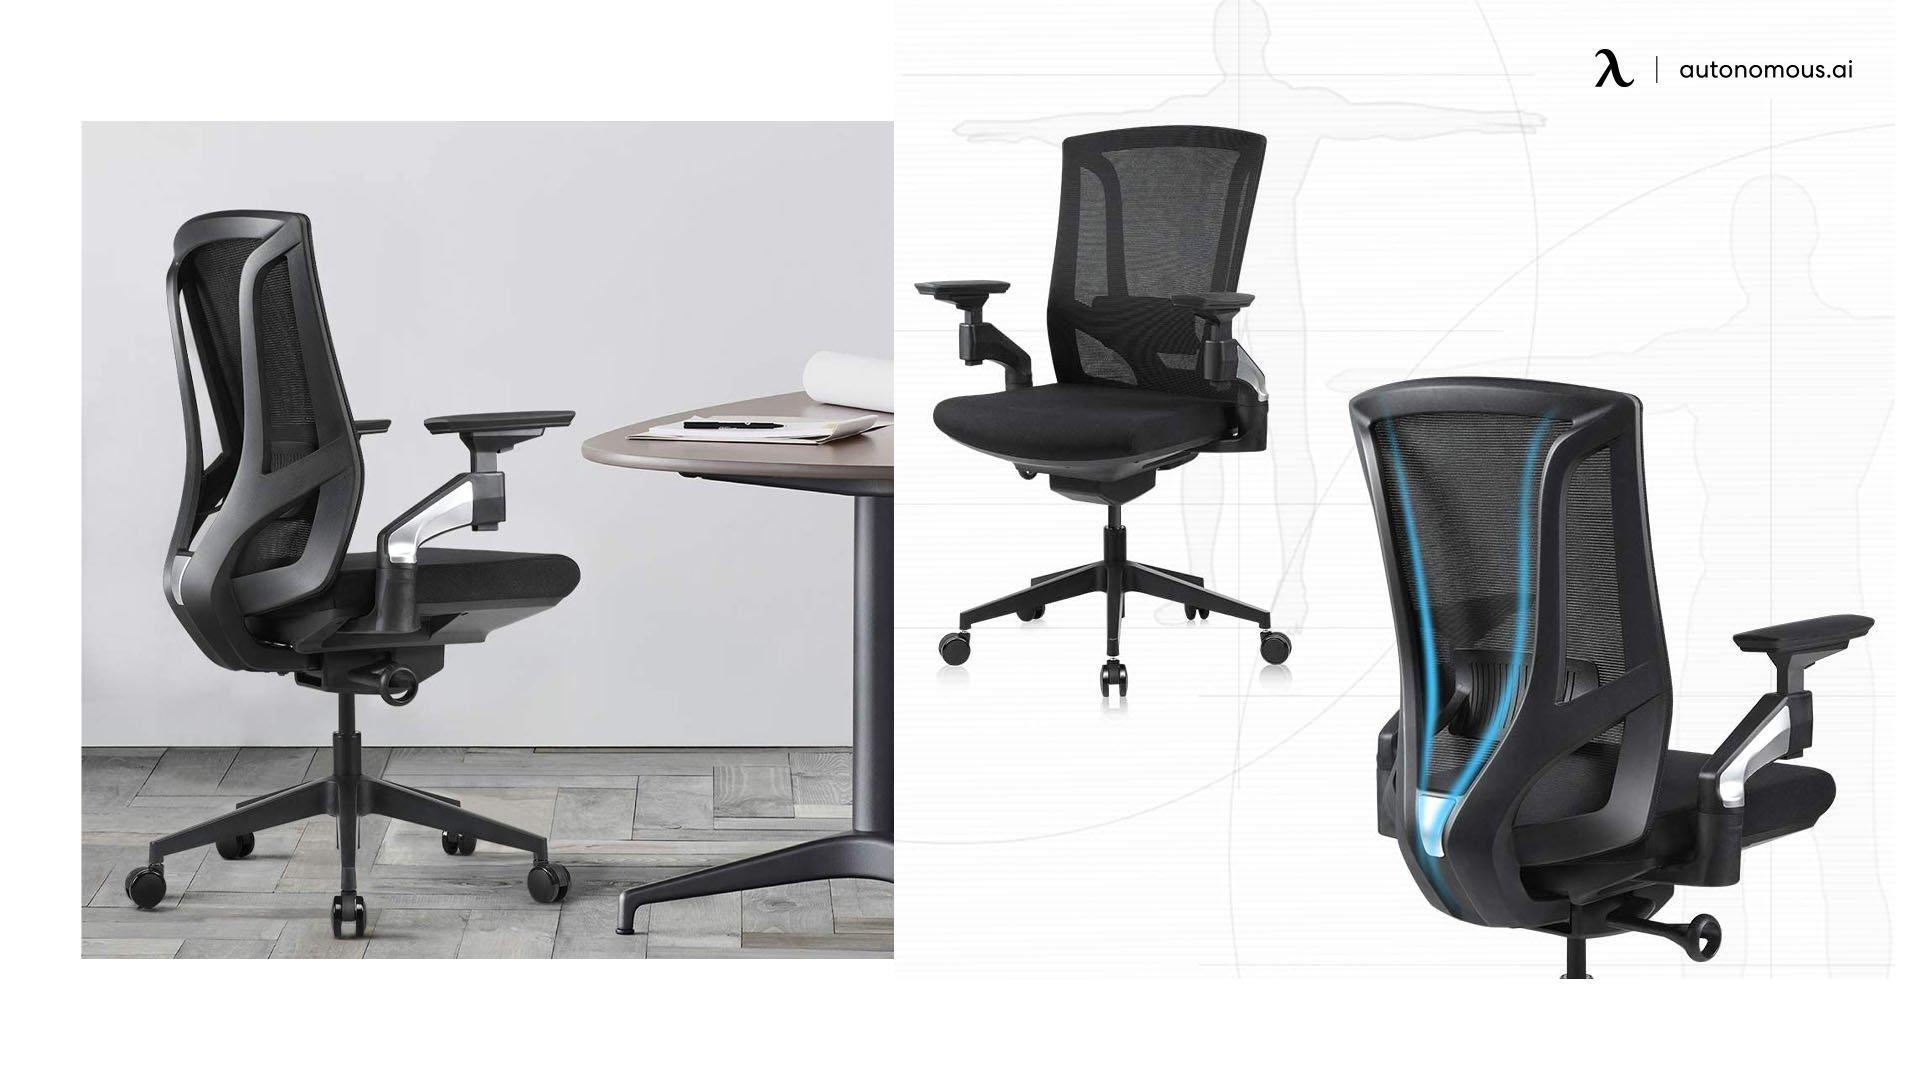 Liccx Ergonomic Chair